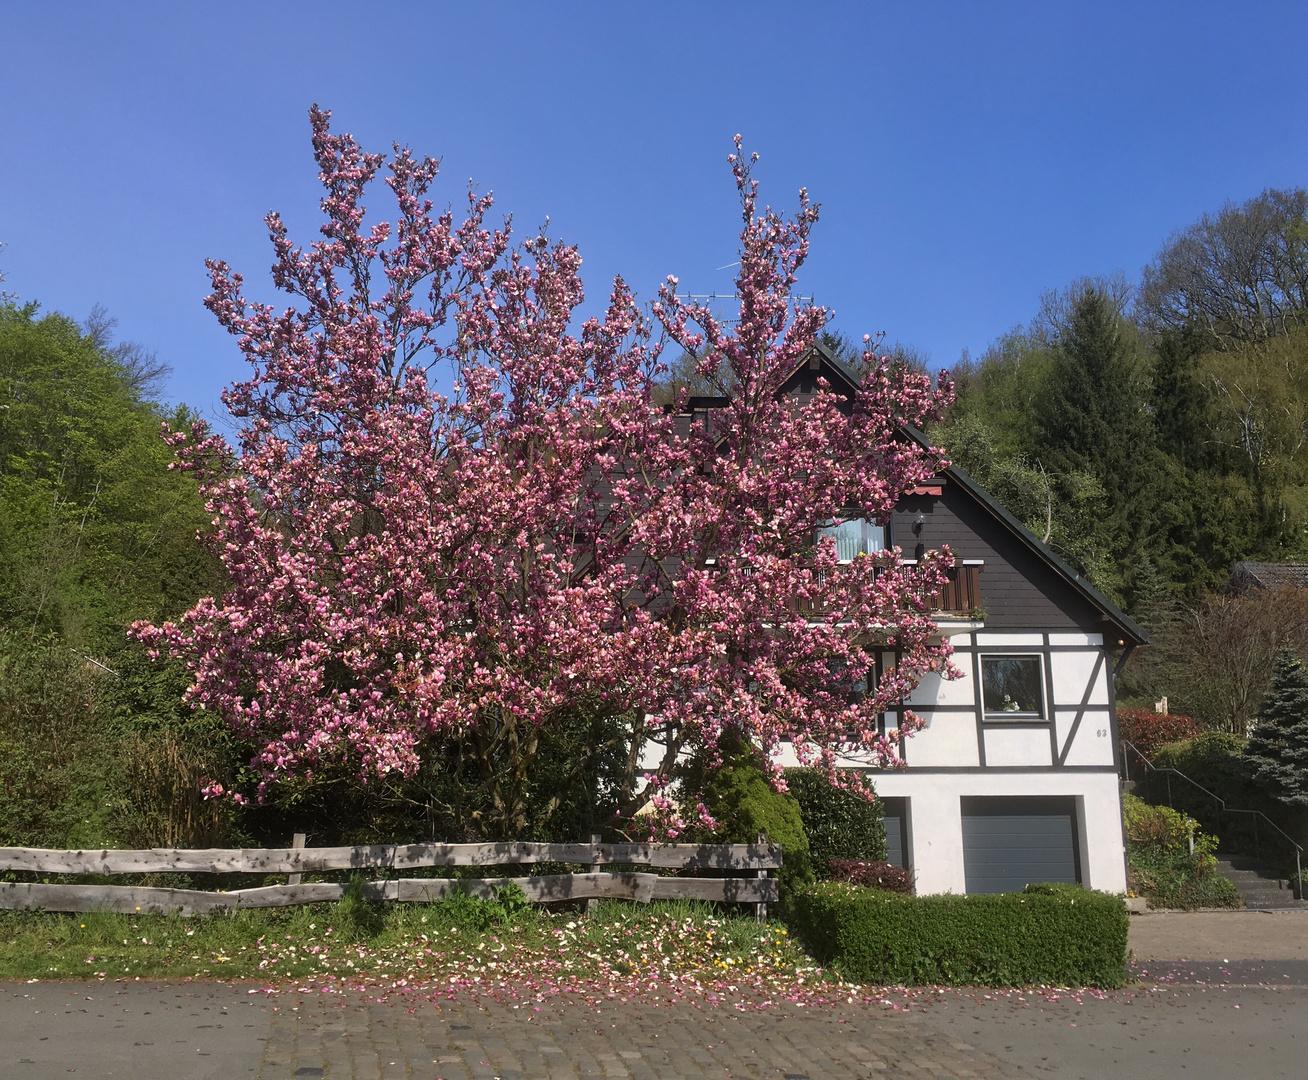 Der Magnolienbaum blüht noch